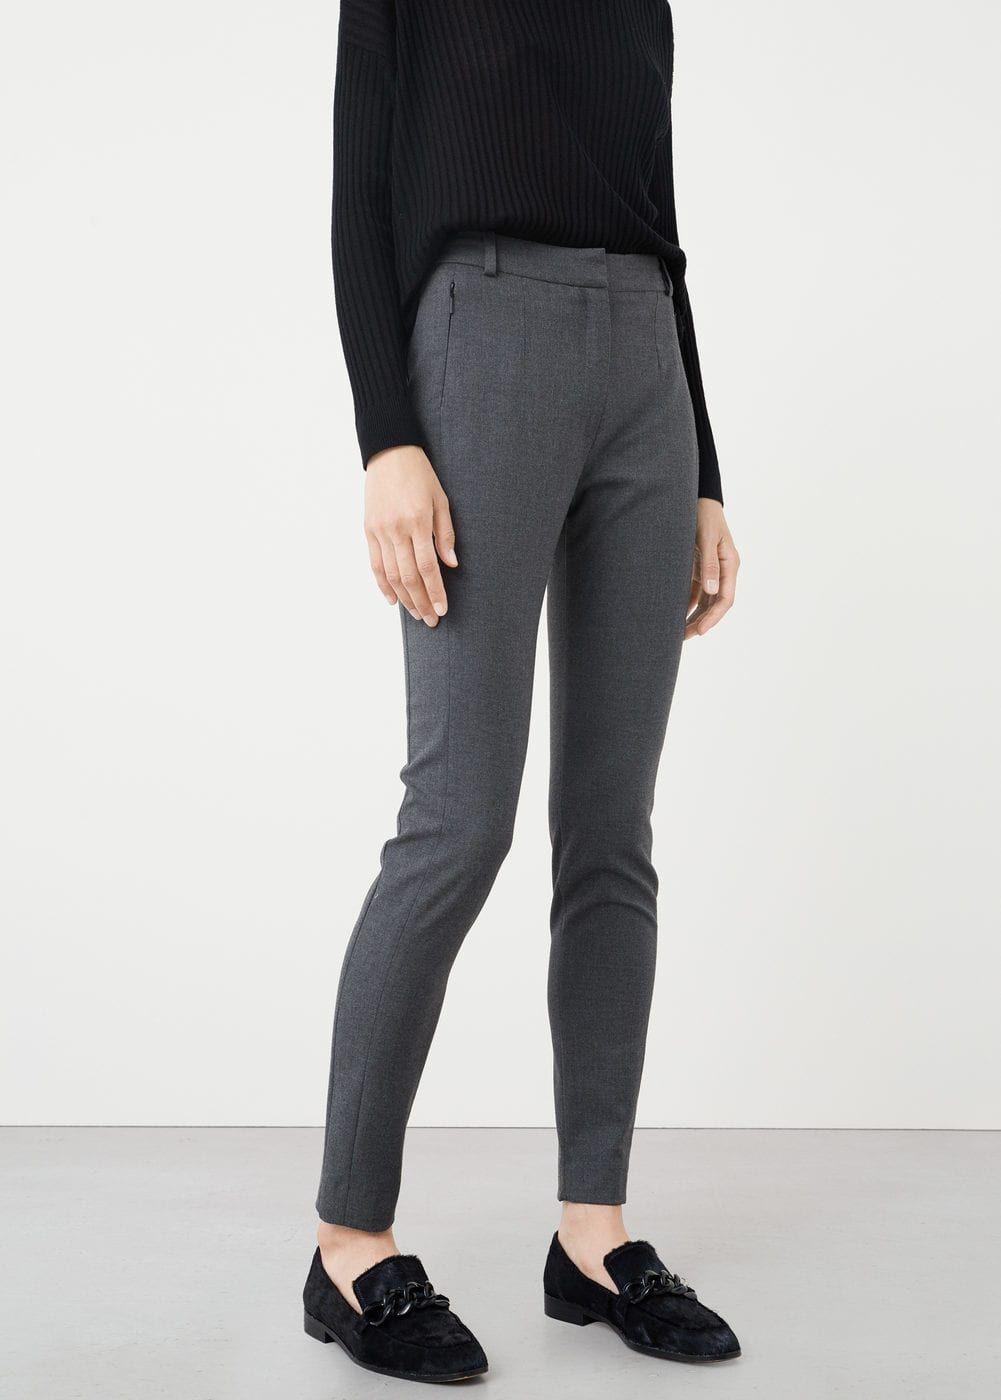 Pantalón pitillo traje - Pantalones de Mujer  4fdde37db1059